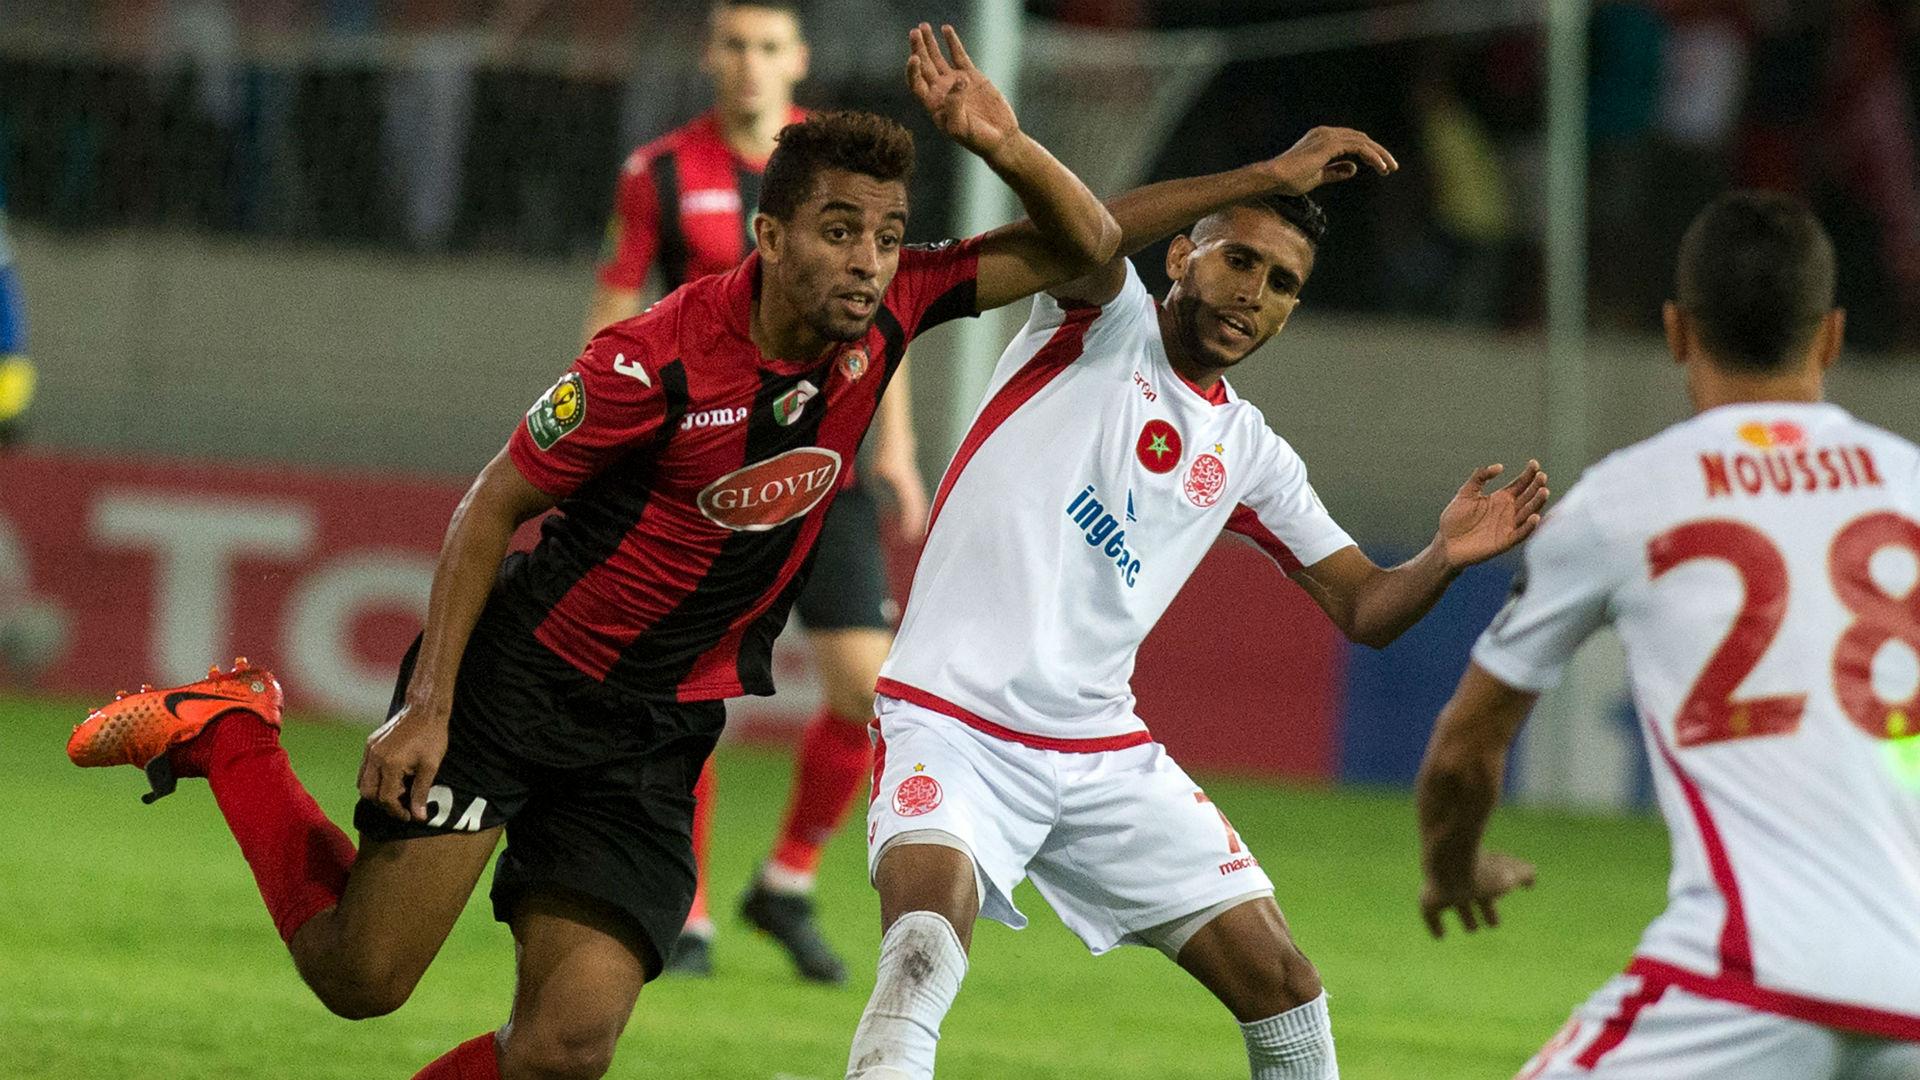 Watch USM Alger continue mediocre run against Wydad Casablanca